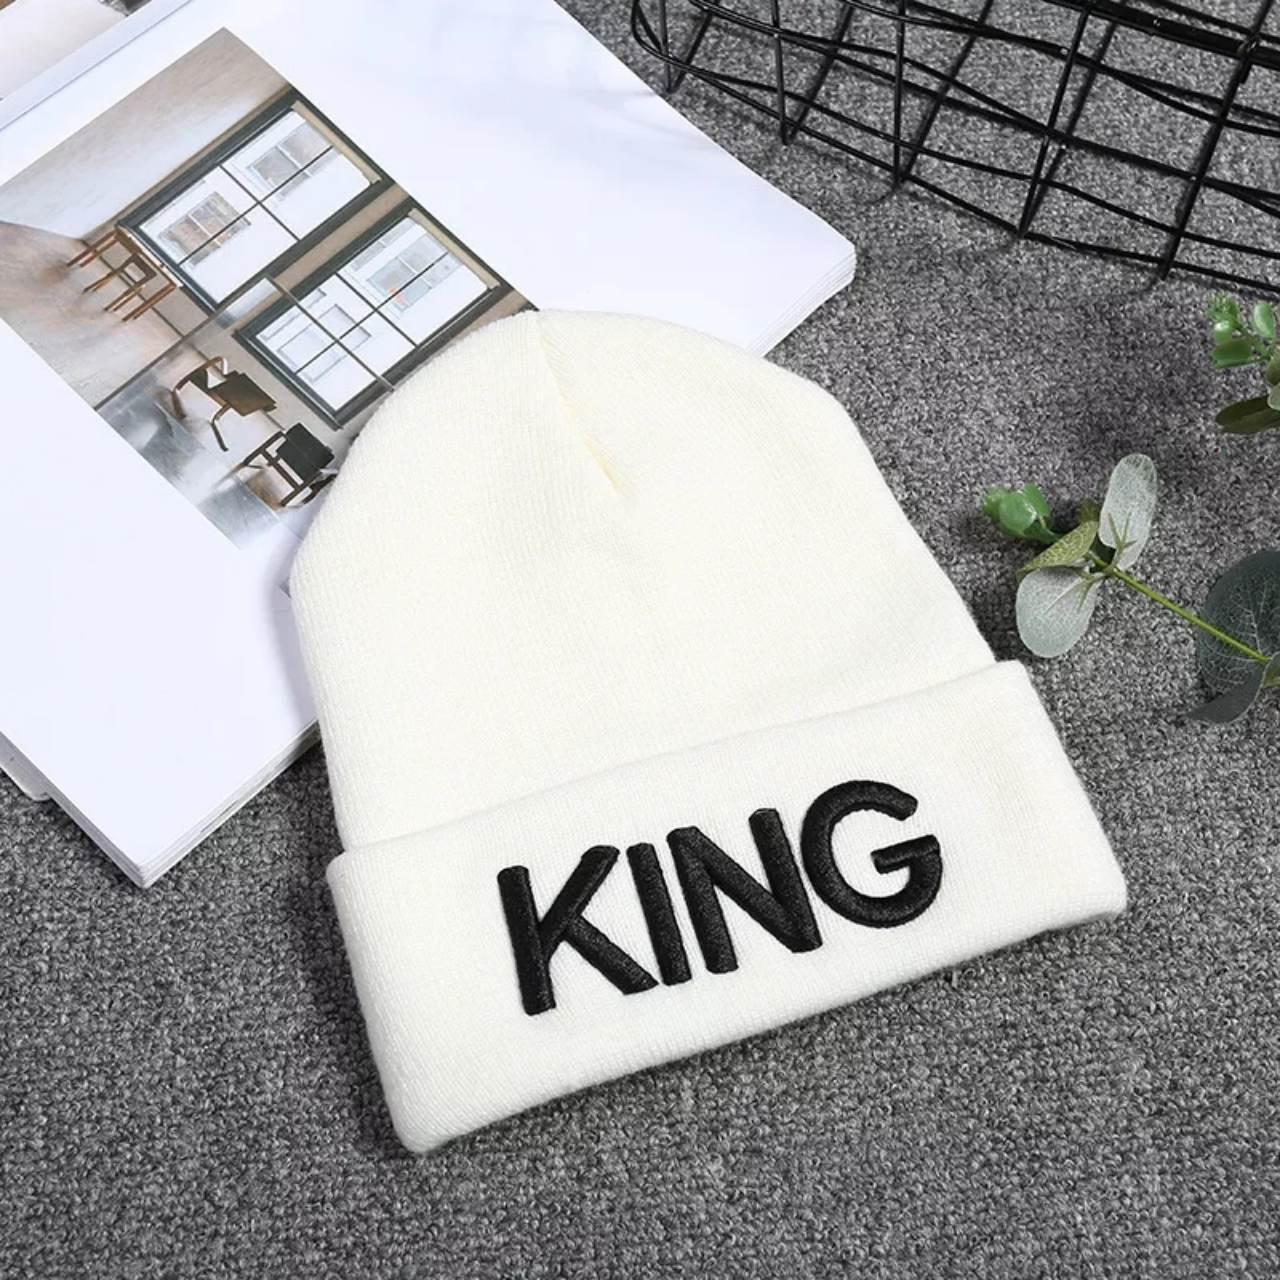 Шапка молодёжная King белая